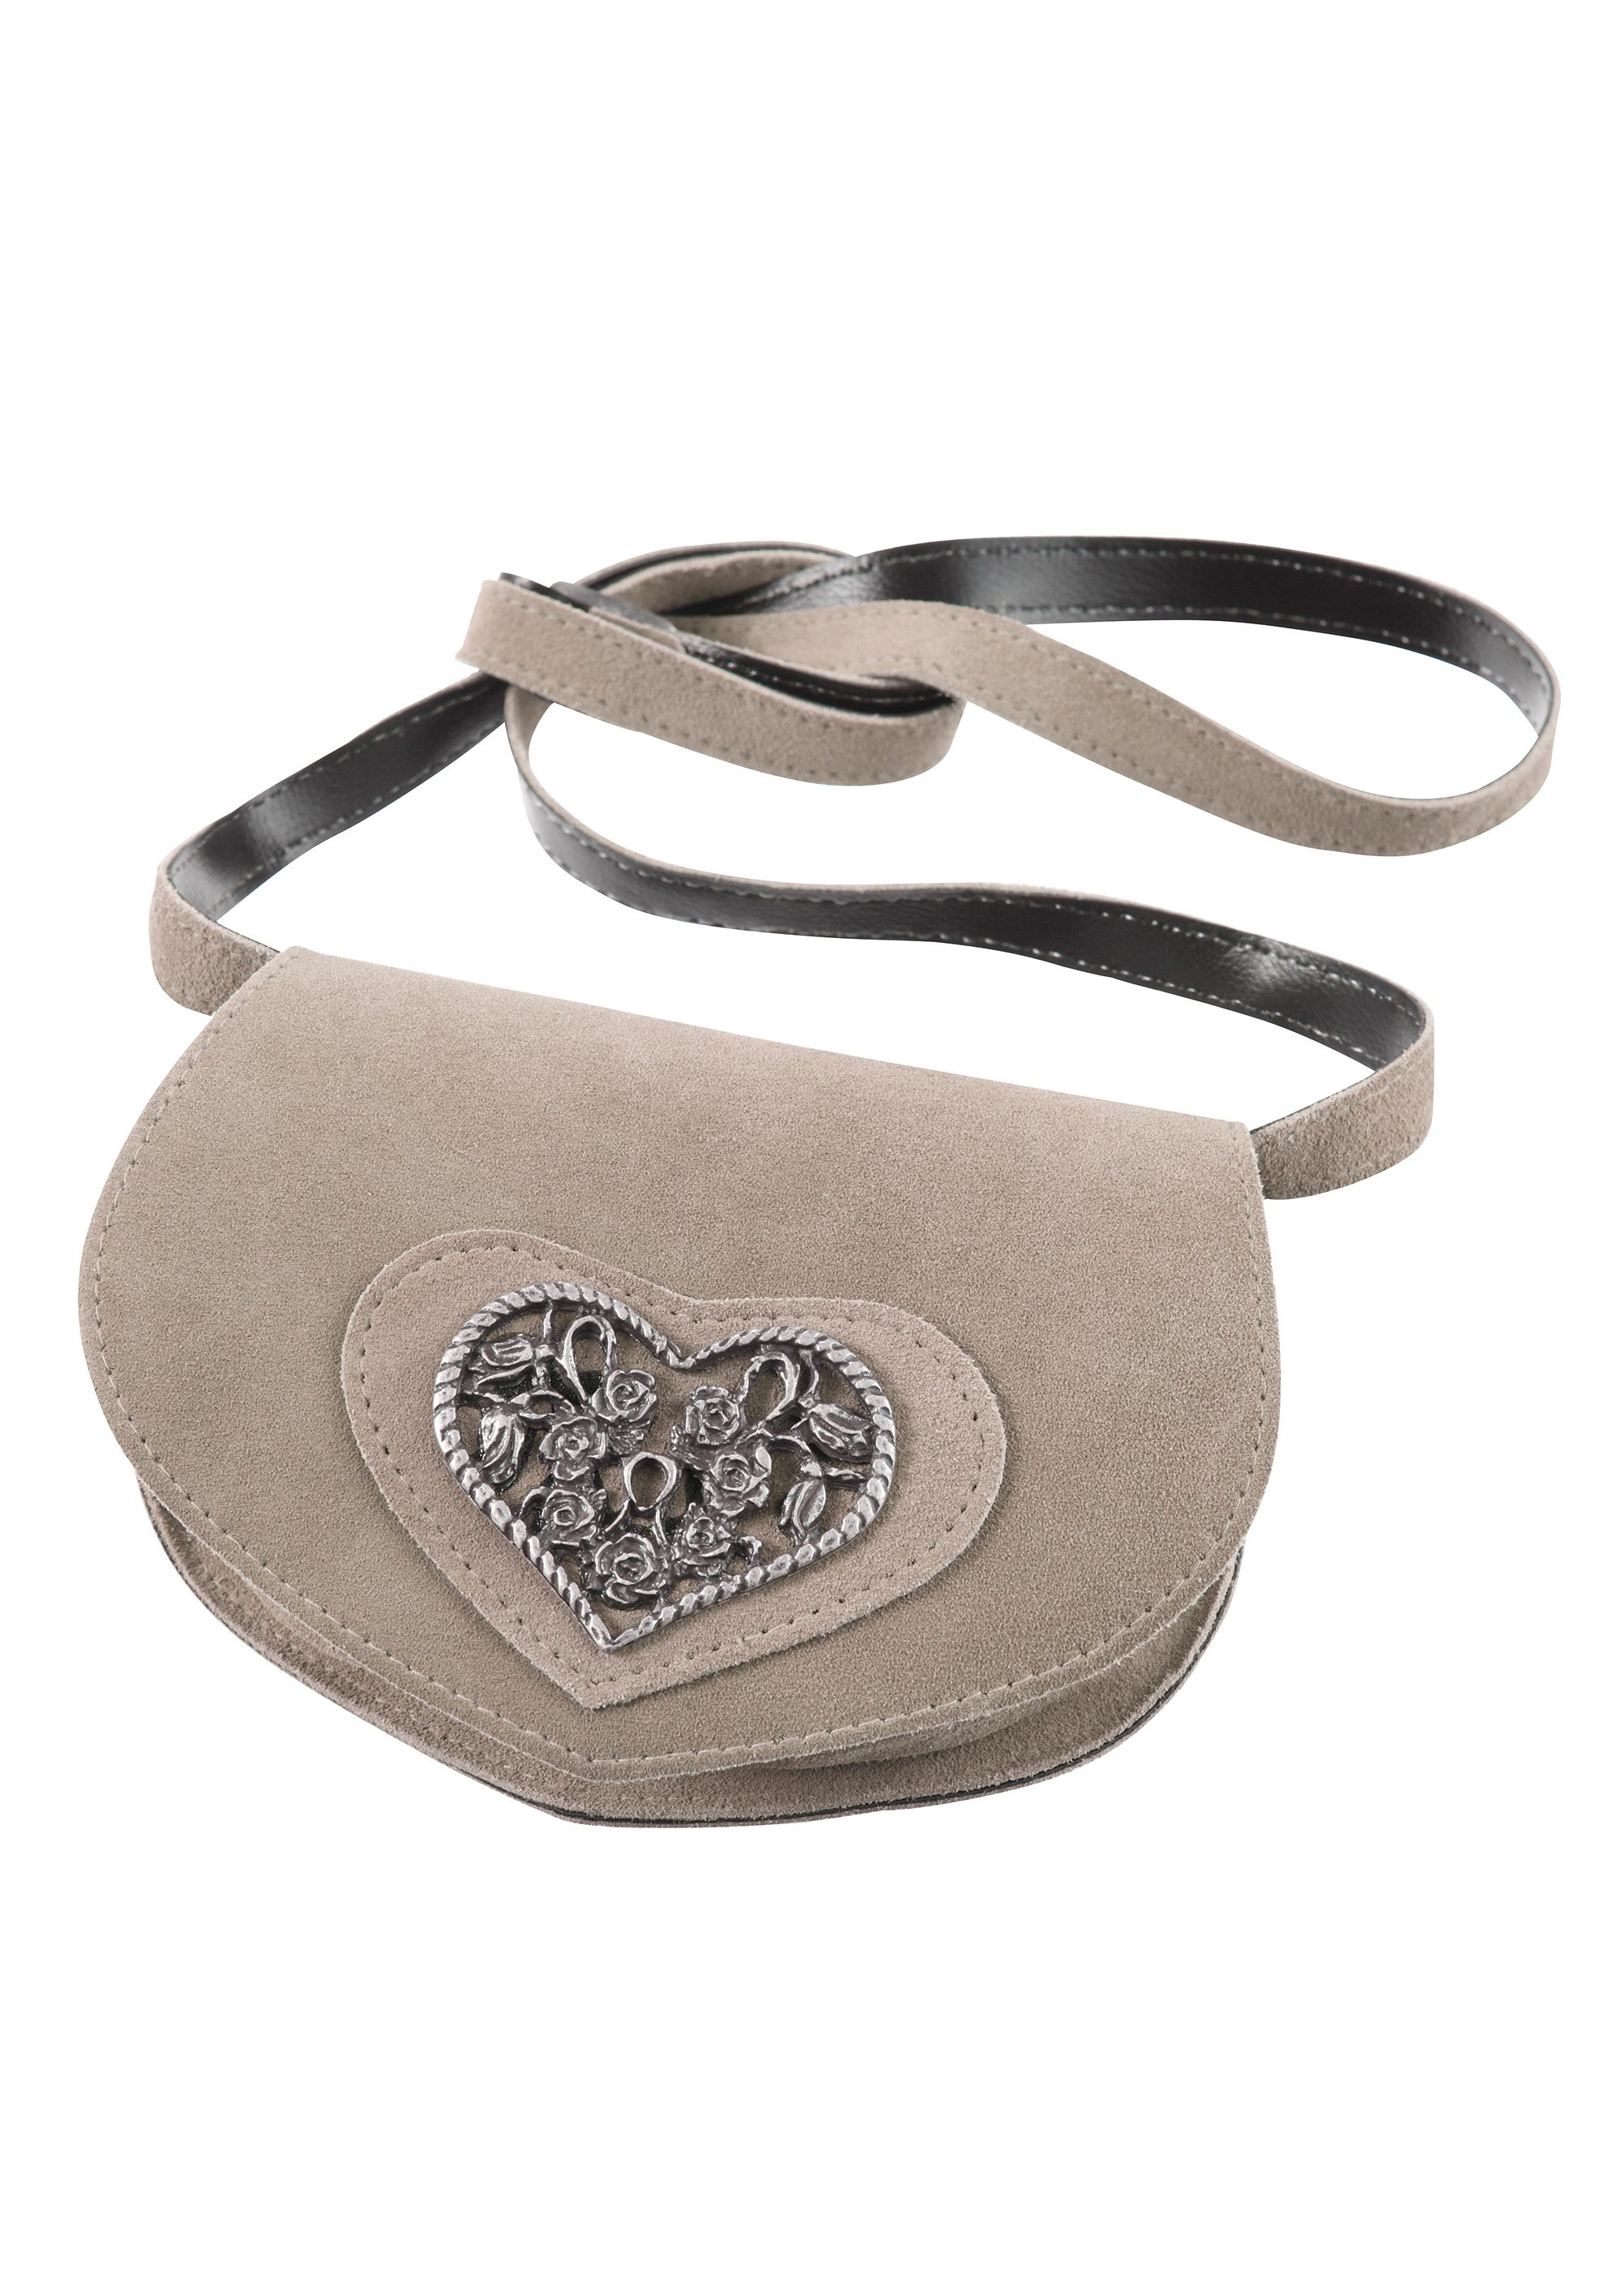 Trachtentasche mit Rosenmuster